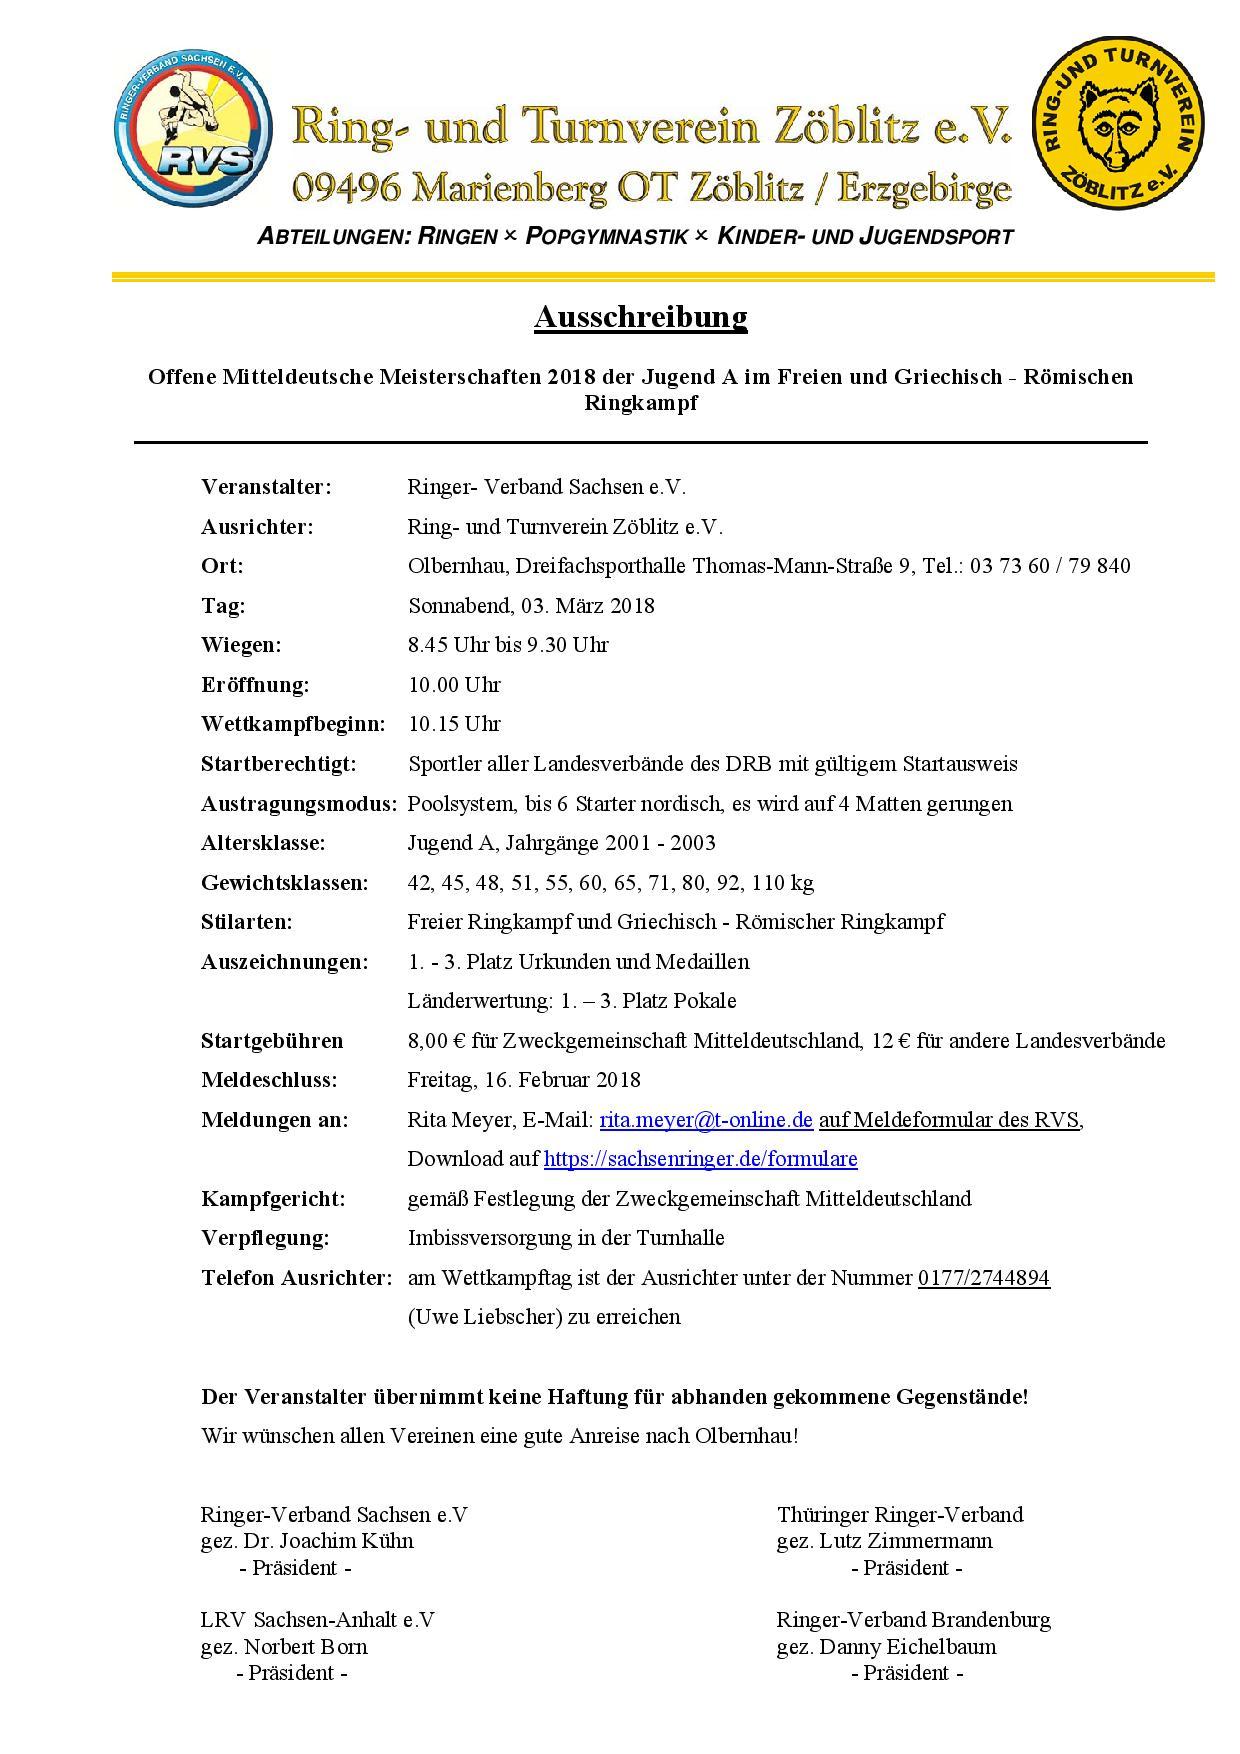 Offene Mitteldeutsche Meisterschaften 2018 Jugend A FR/GR